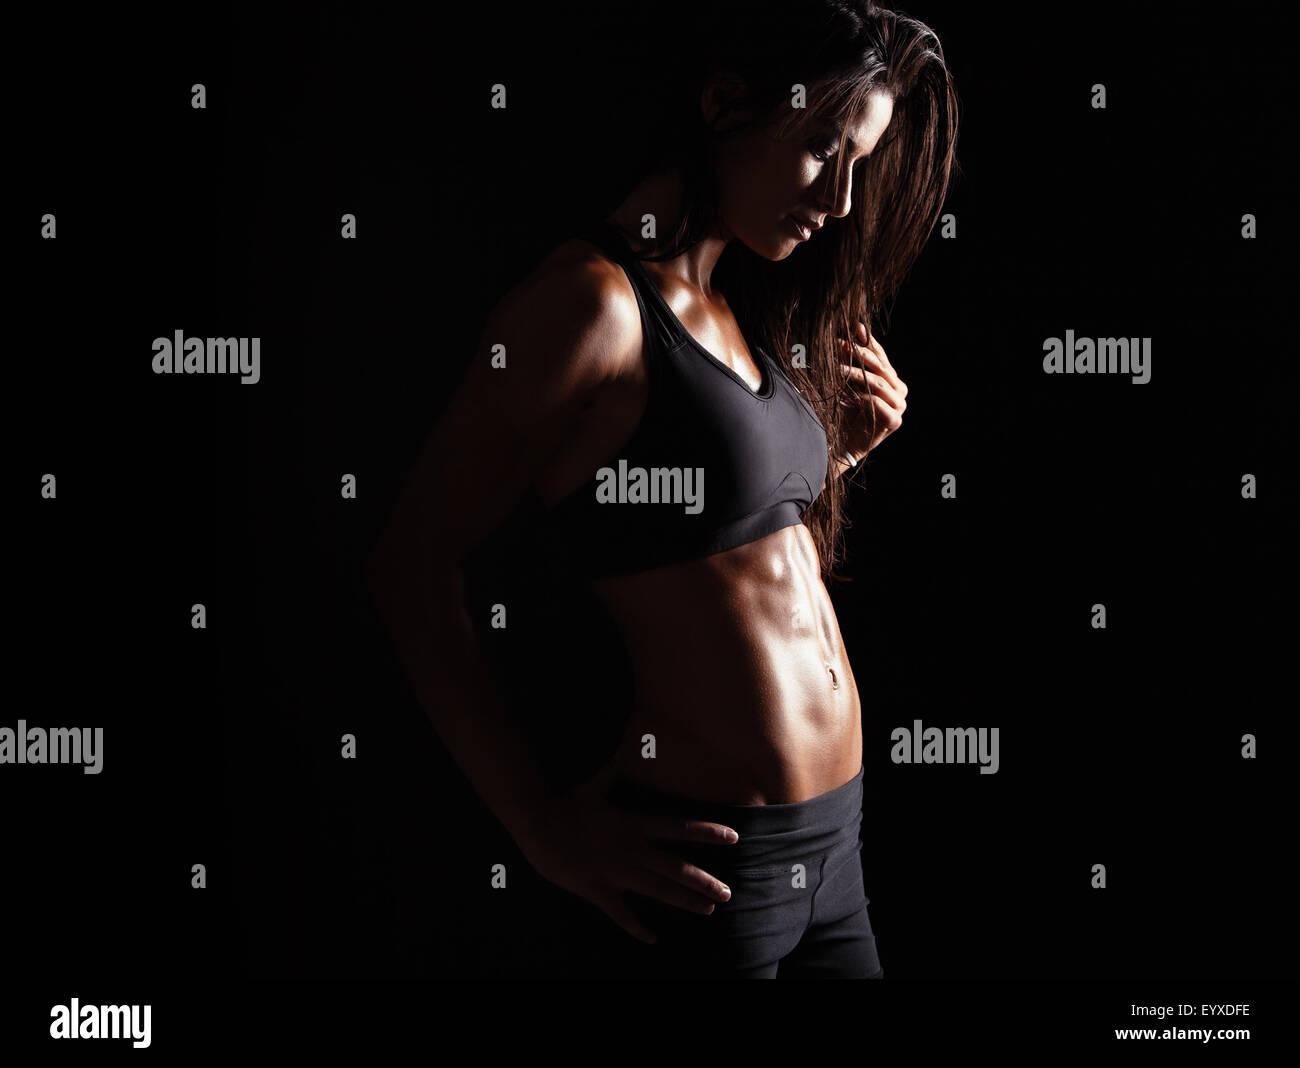 Imagen de mujeres en ropa deportiva relajante después de entrenar sobre fondo negro. Muscular con el sudor Imagen De Stock